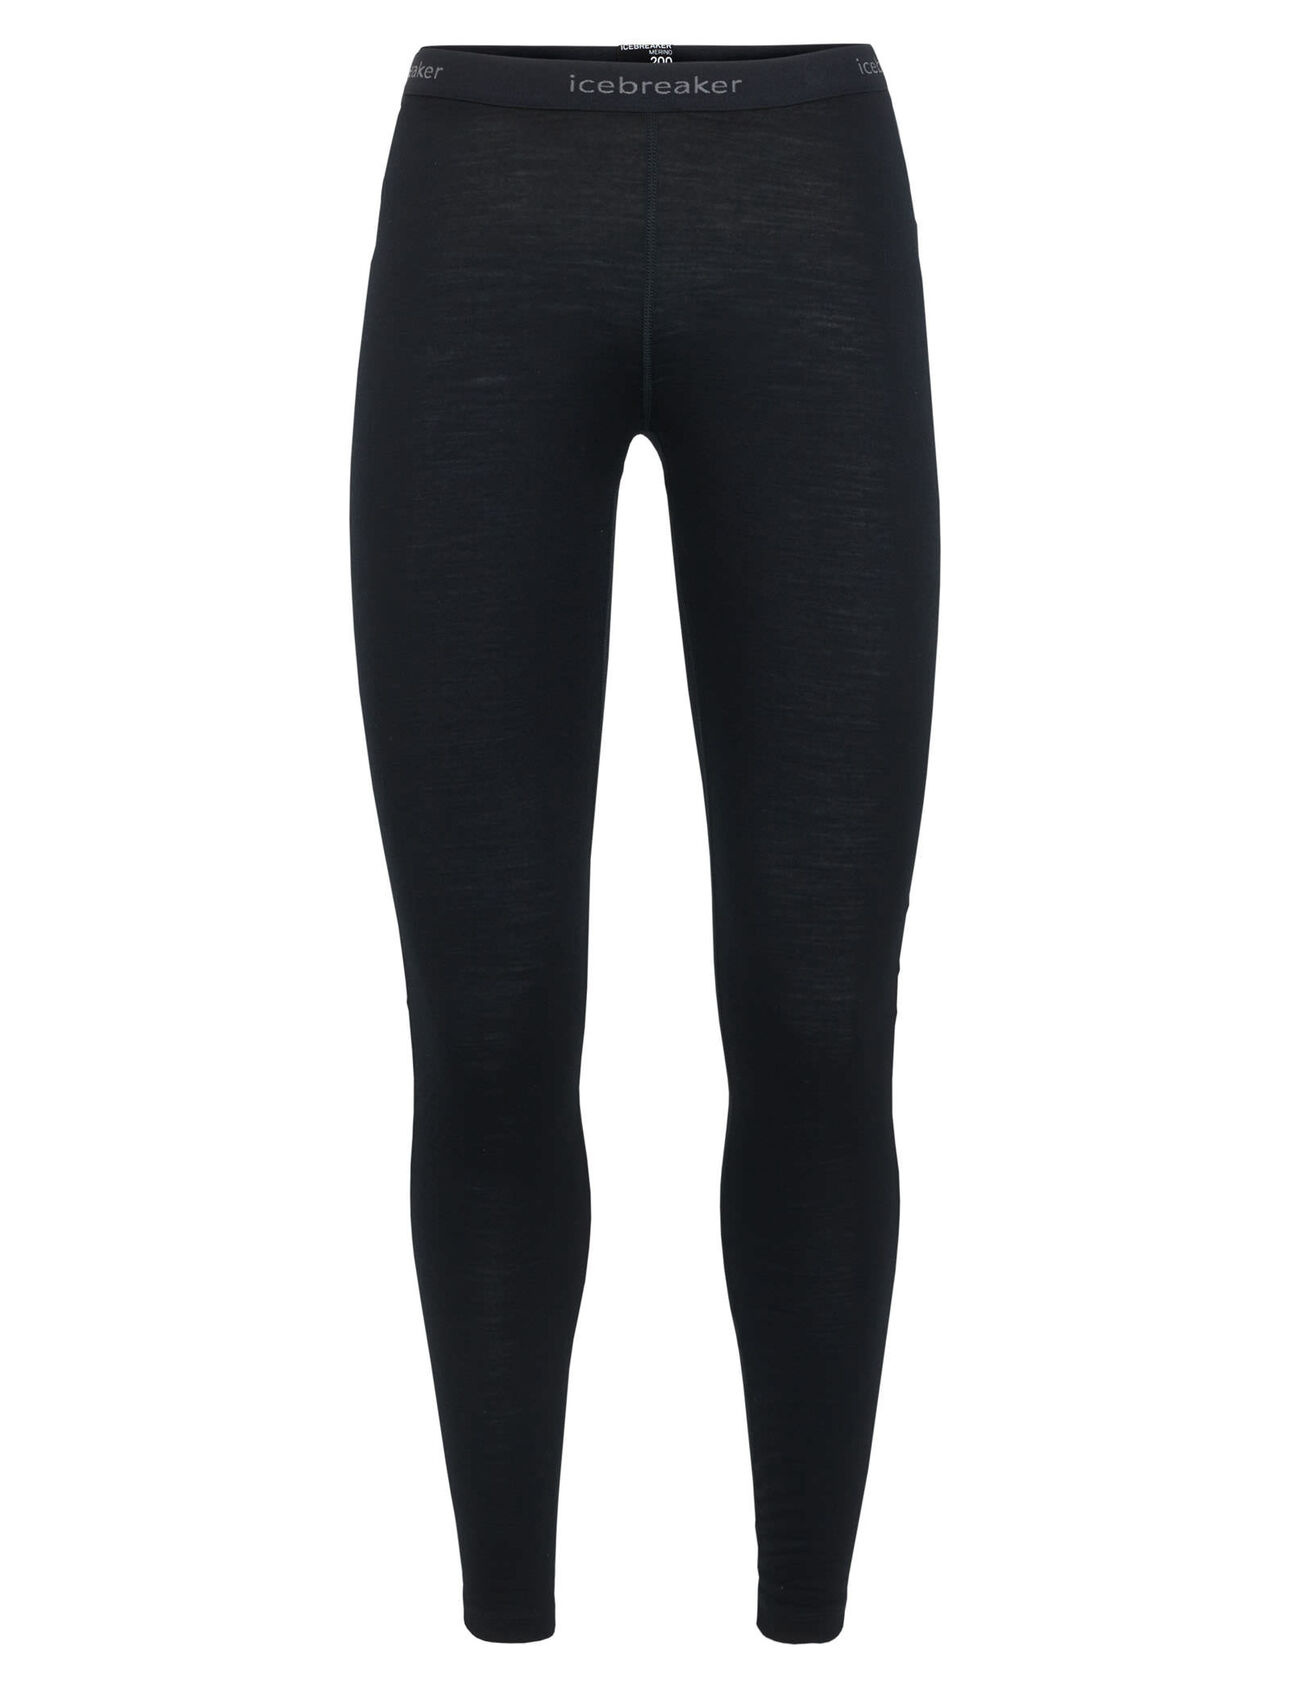 Icebreaker Women's Oasis Legging